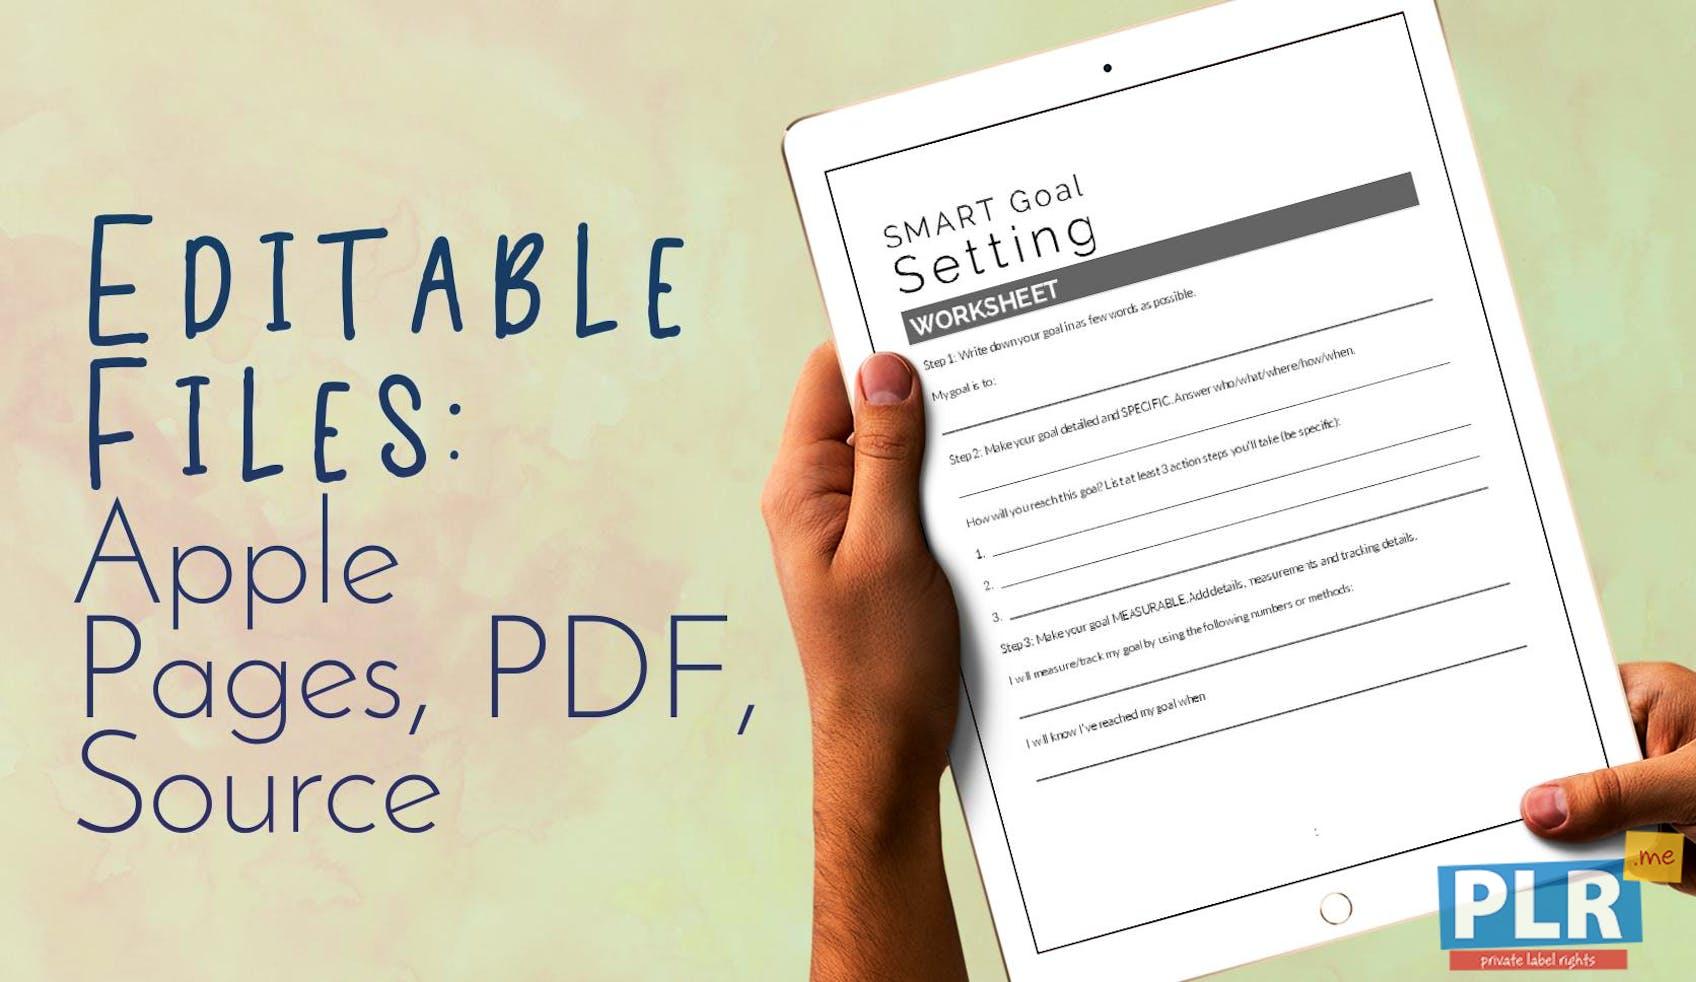 PLR Worksheets - Smart Goal Setting Worksheet - PLR.me